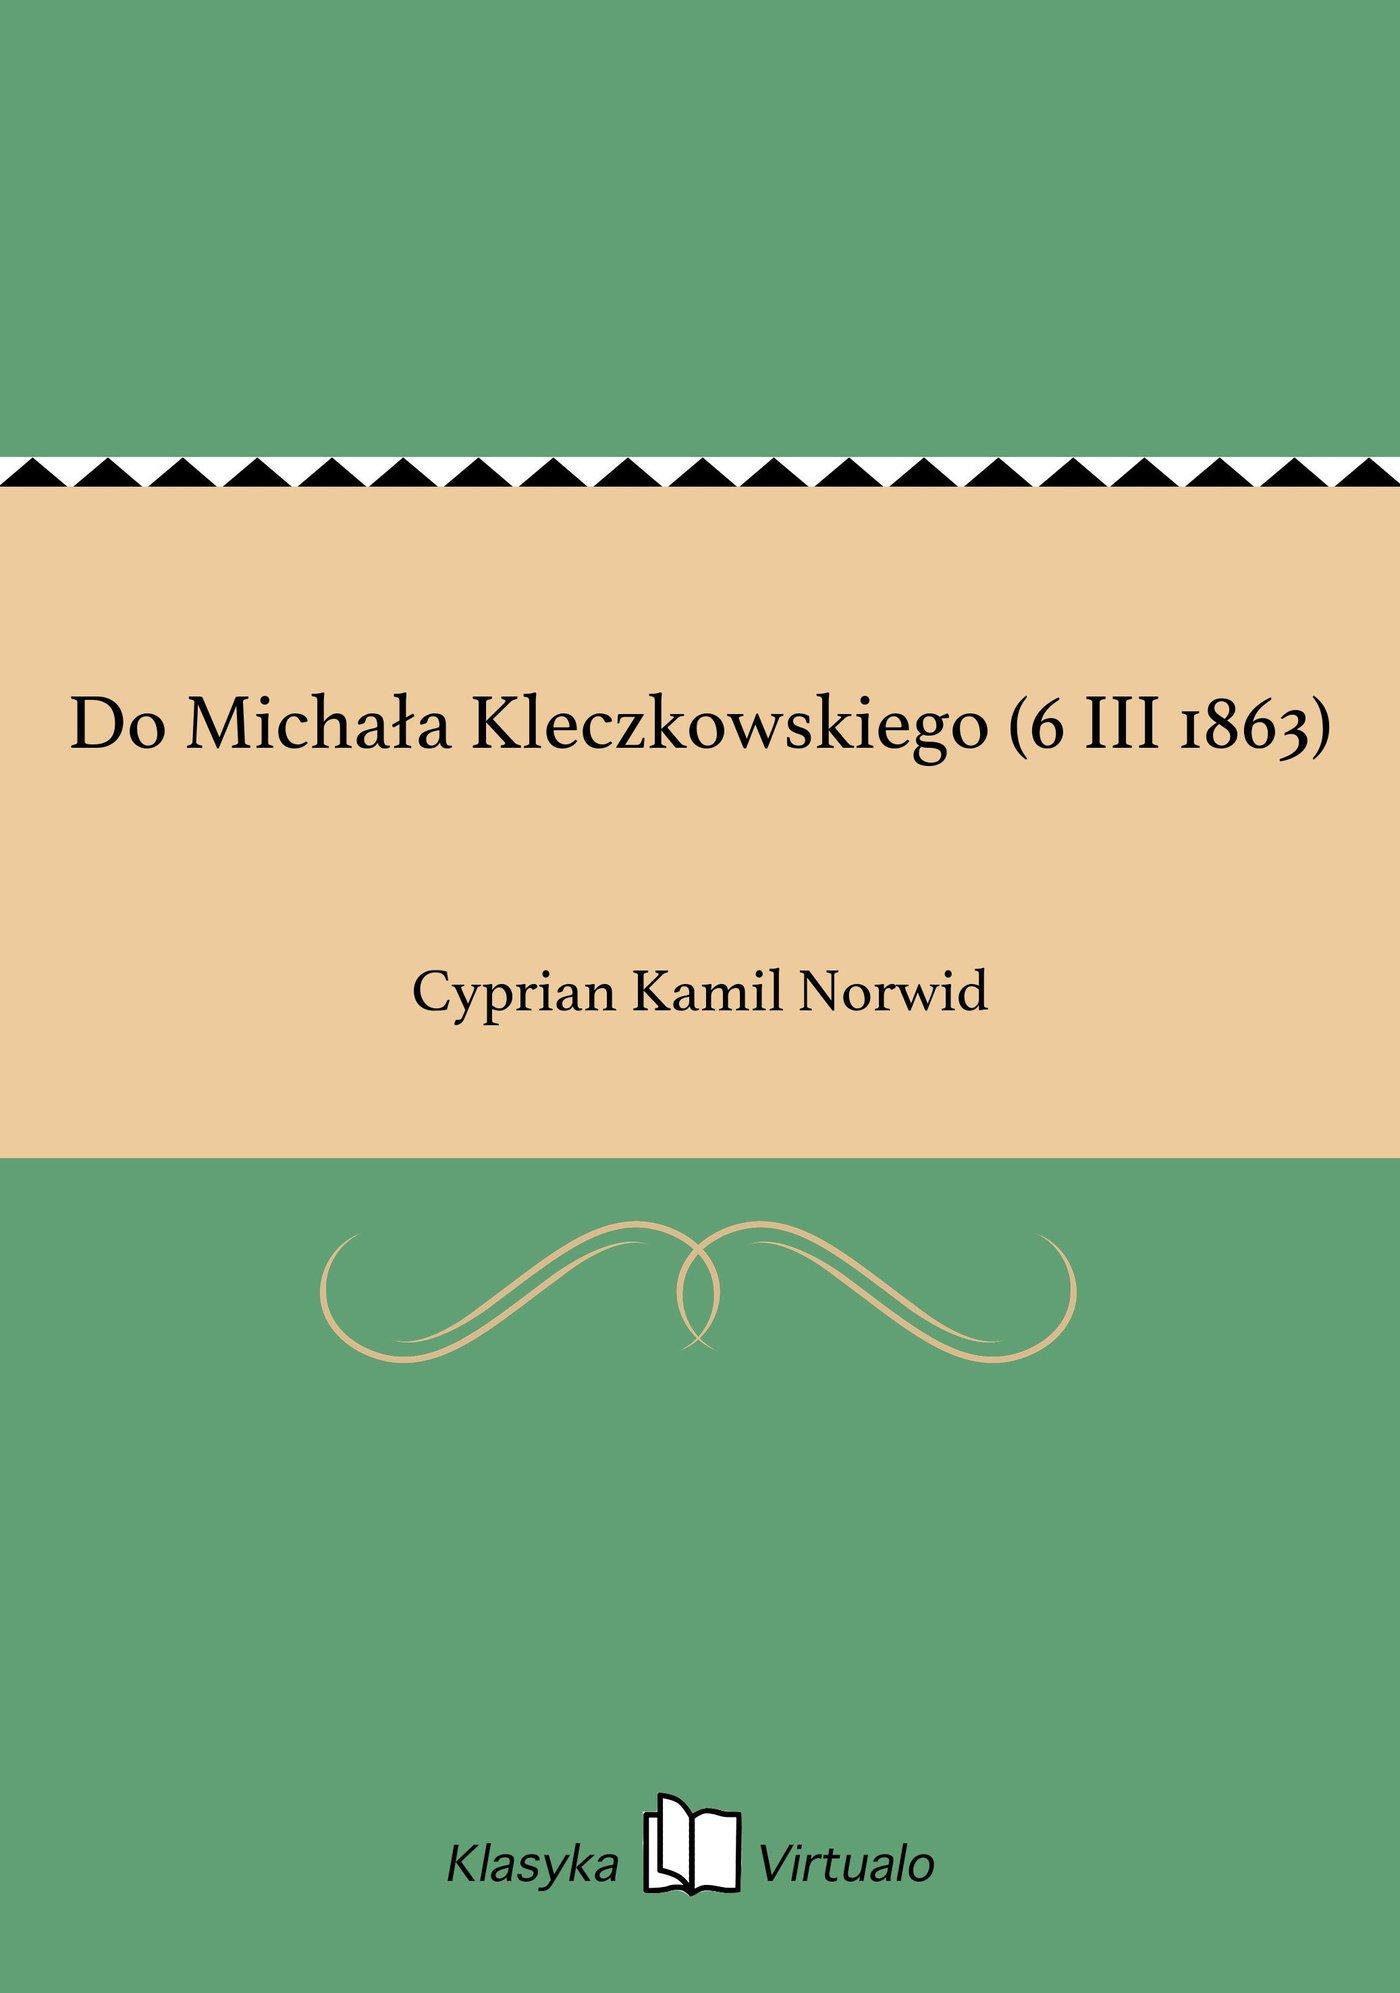 Do Michała Kleczkowskiego (6 III 1863) - Ebook (Książka EPUB) do pobrania w formacie EPUB